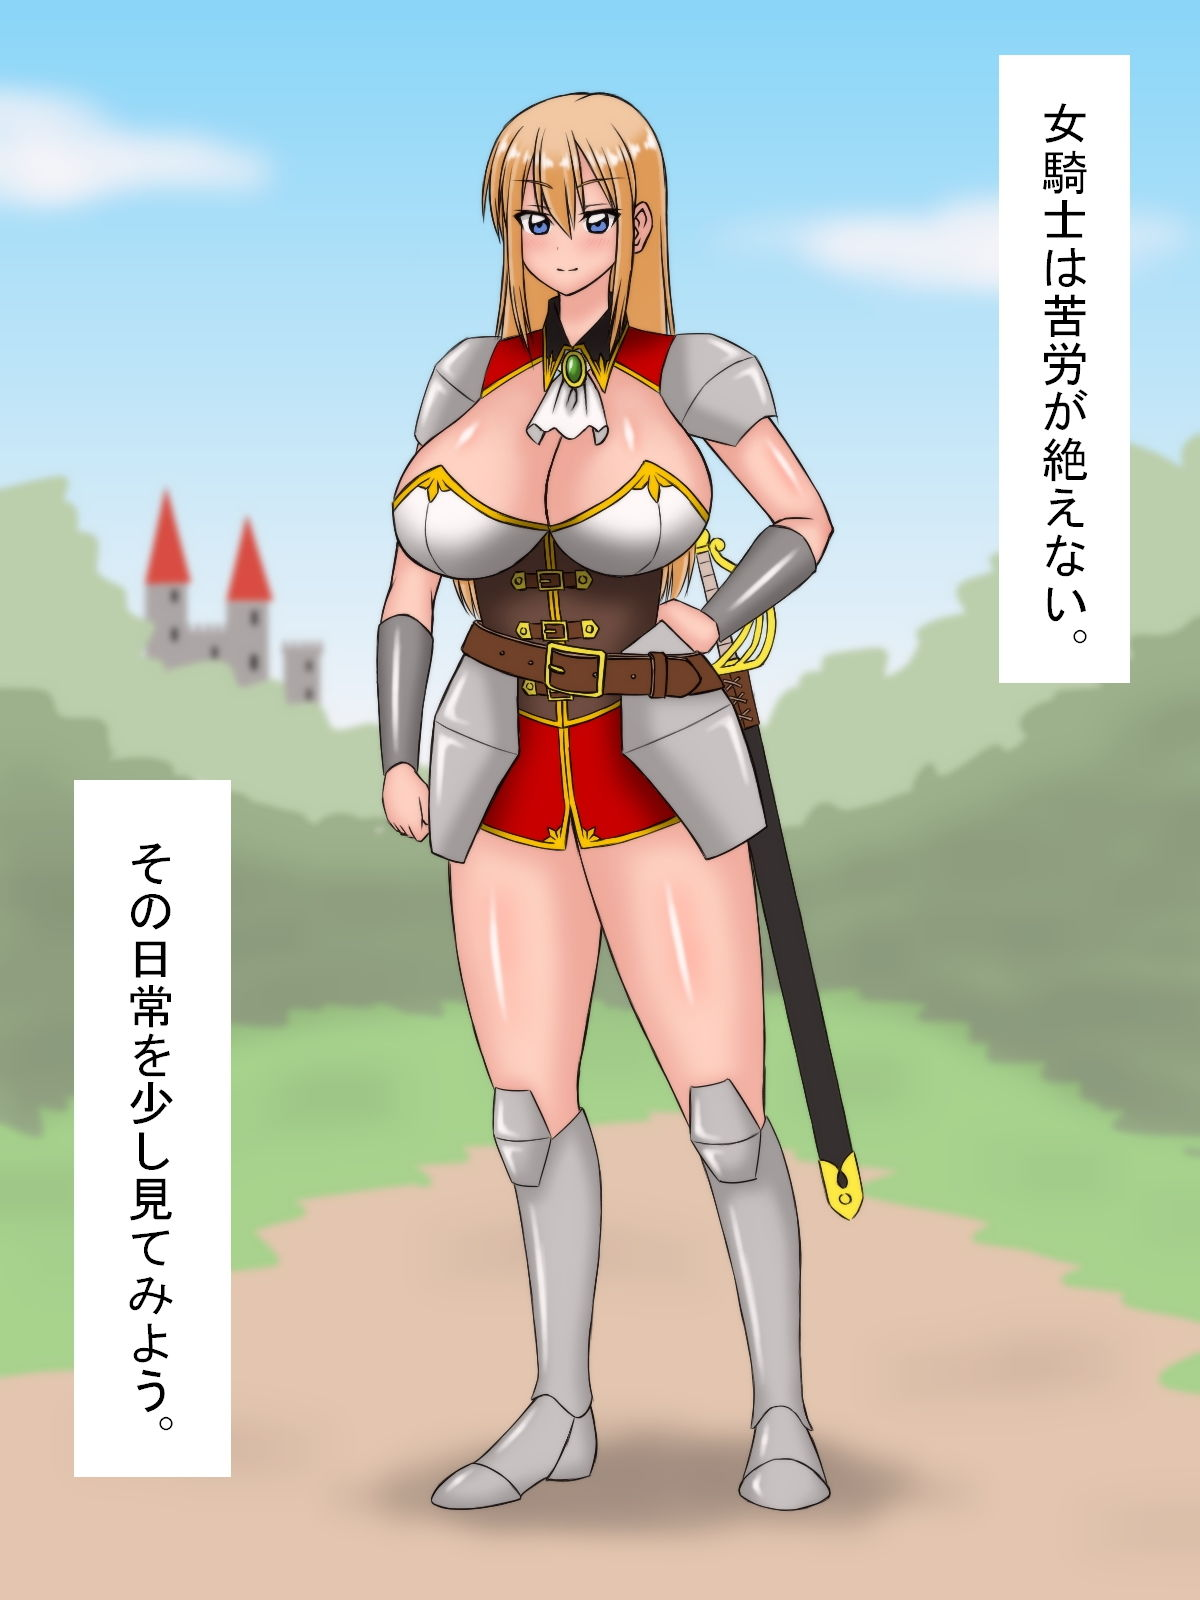 女騎士は苦労が絶えない ~上司にセクハラされ、部下の性欲処理、モンスターには犯●れ孕まされ…~ エロ画像